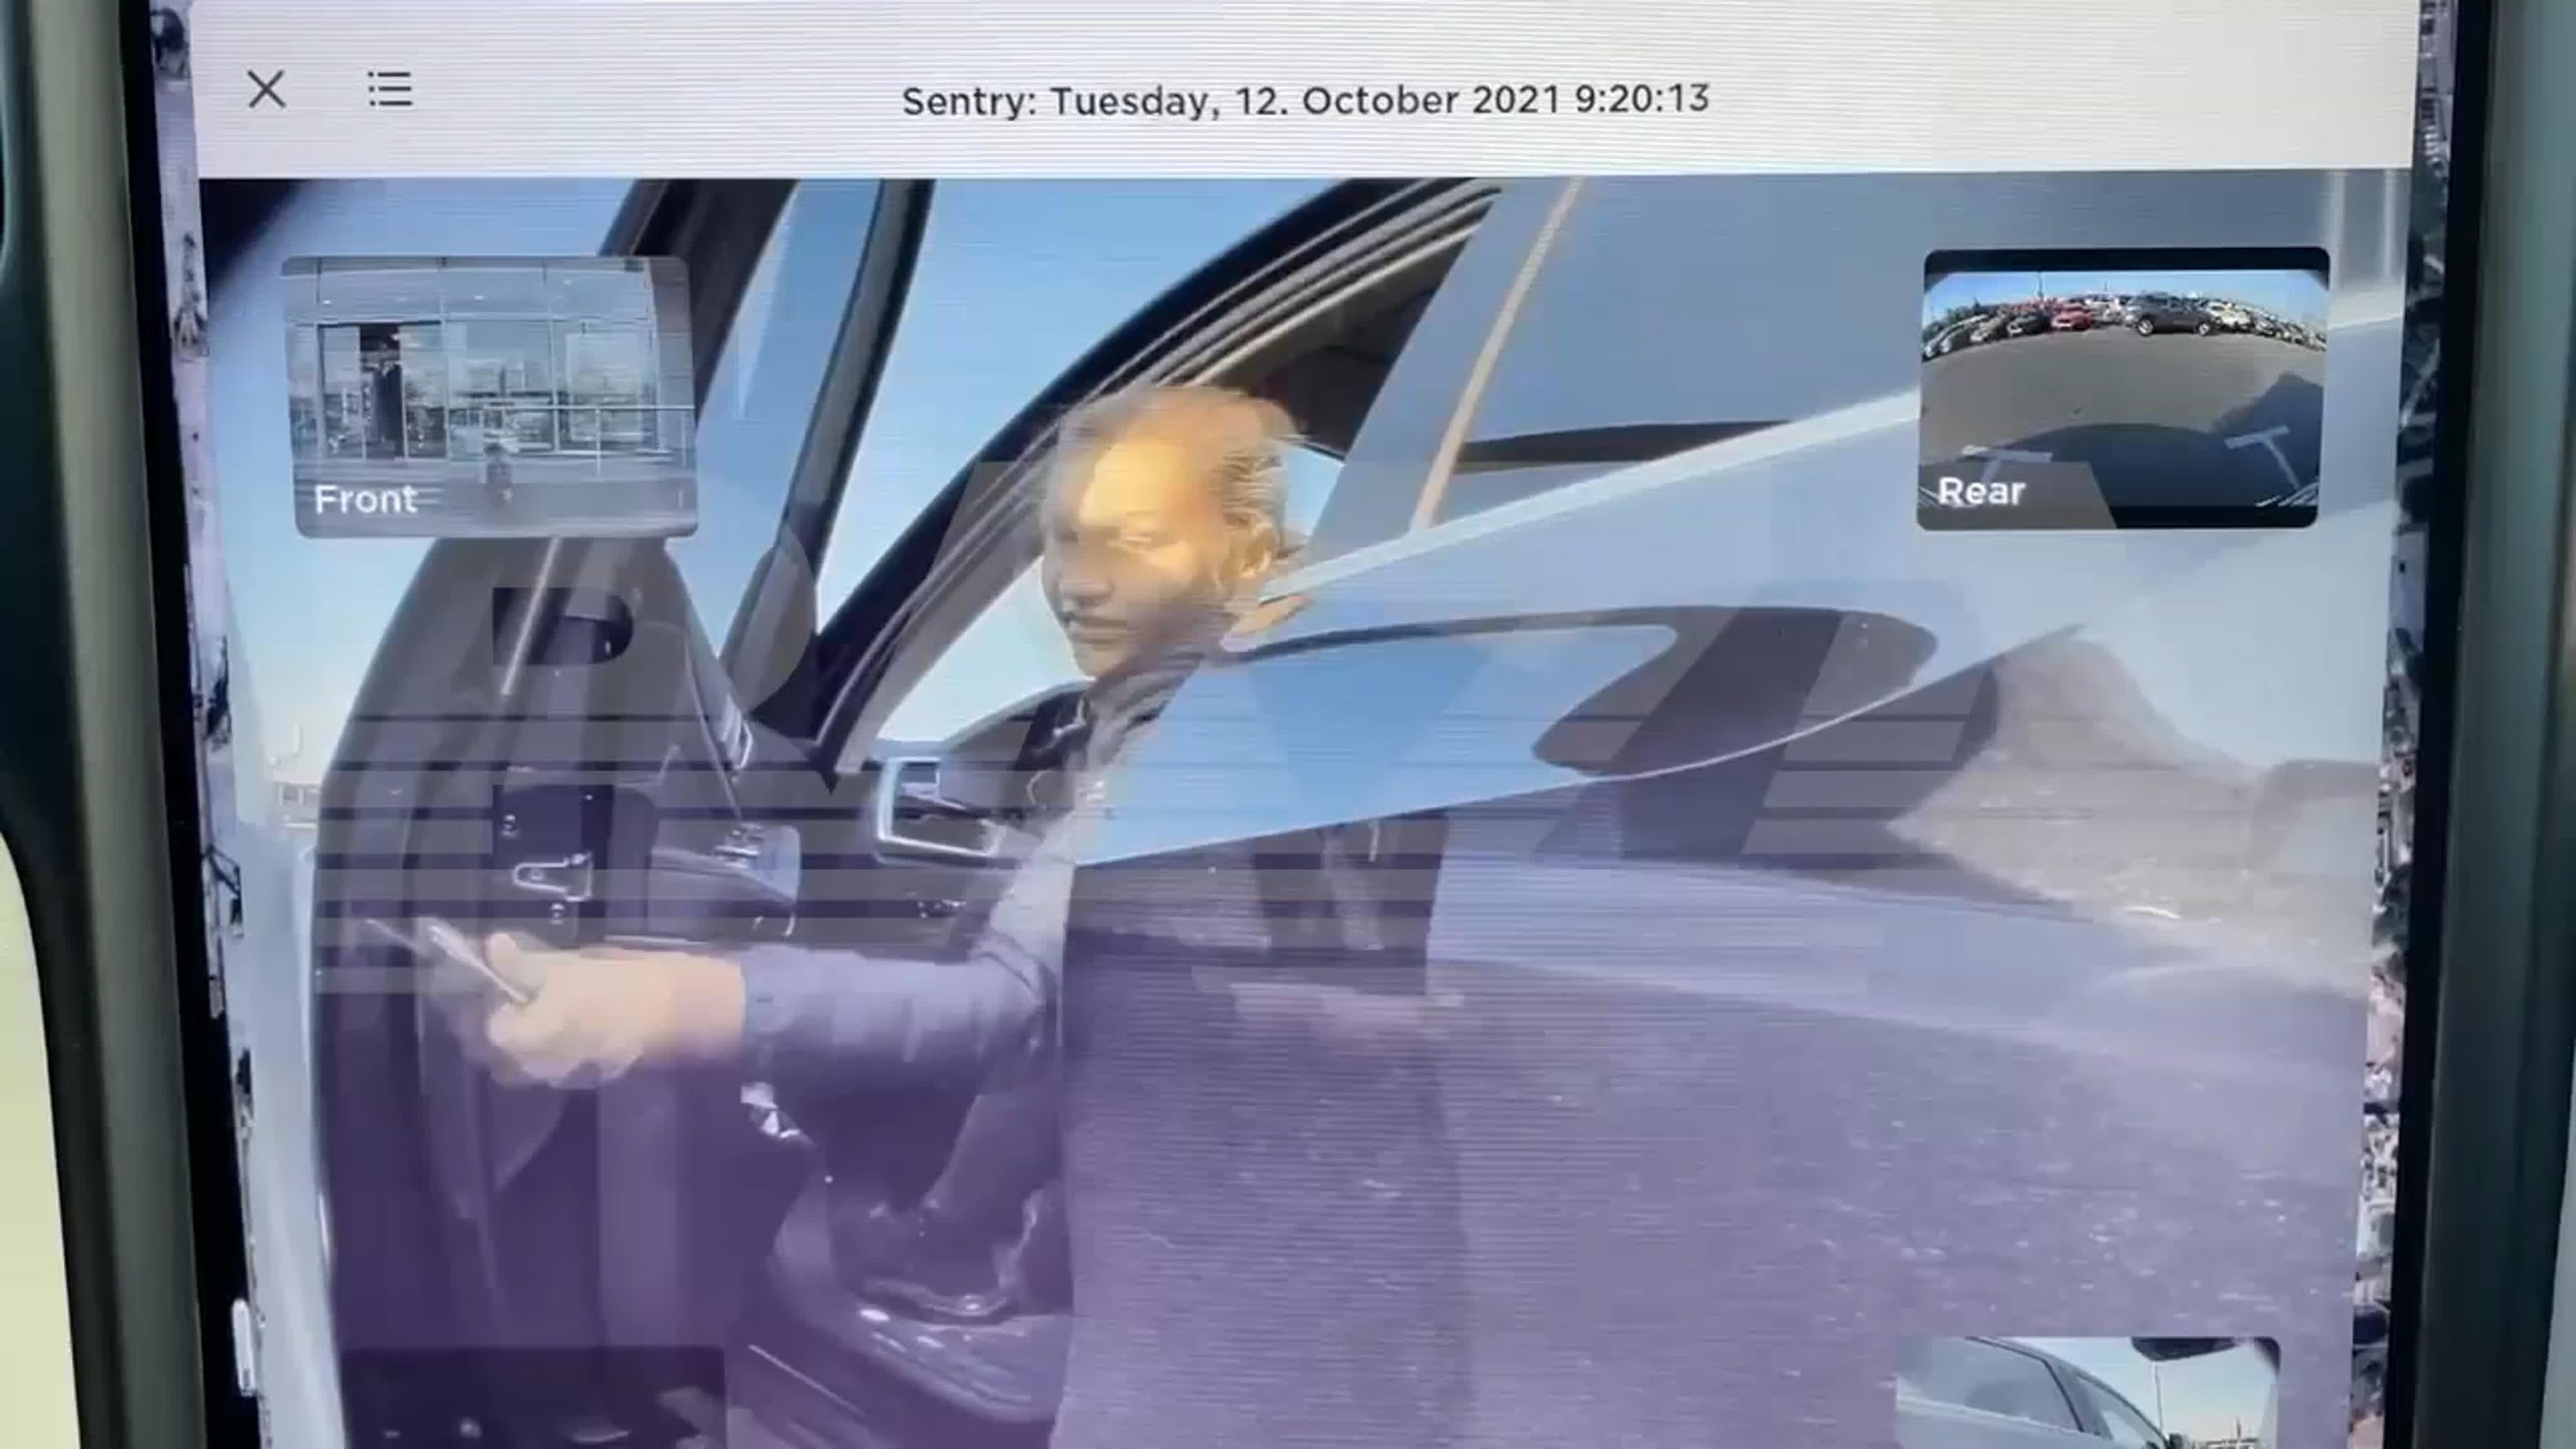 Владелица BMW против «Теслы» – в Москве женщина оцарапала ключом автомобиль, потому что ей не понравилось, как он был припаркован.